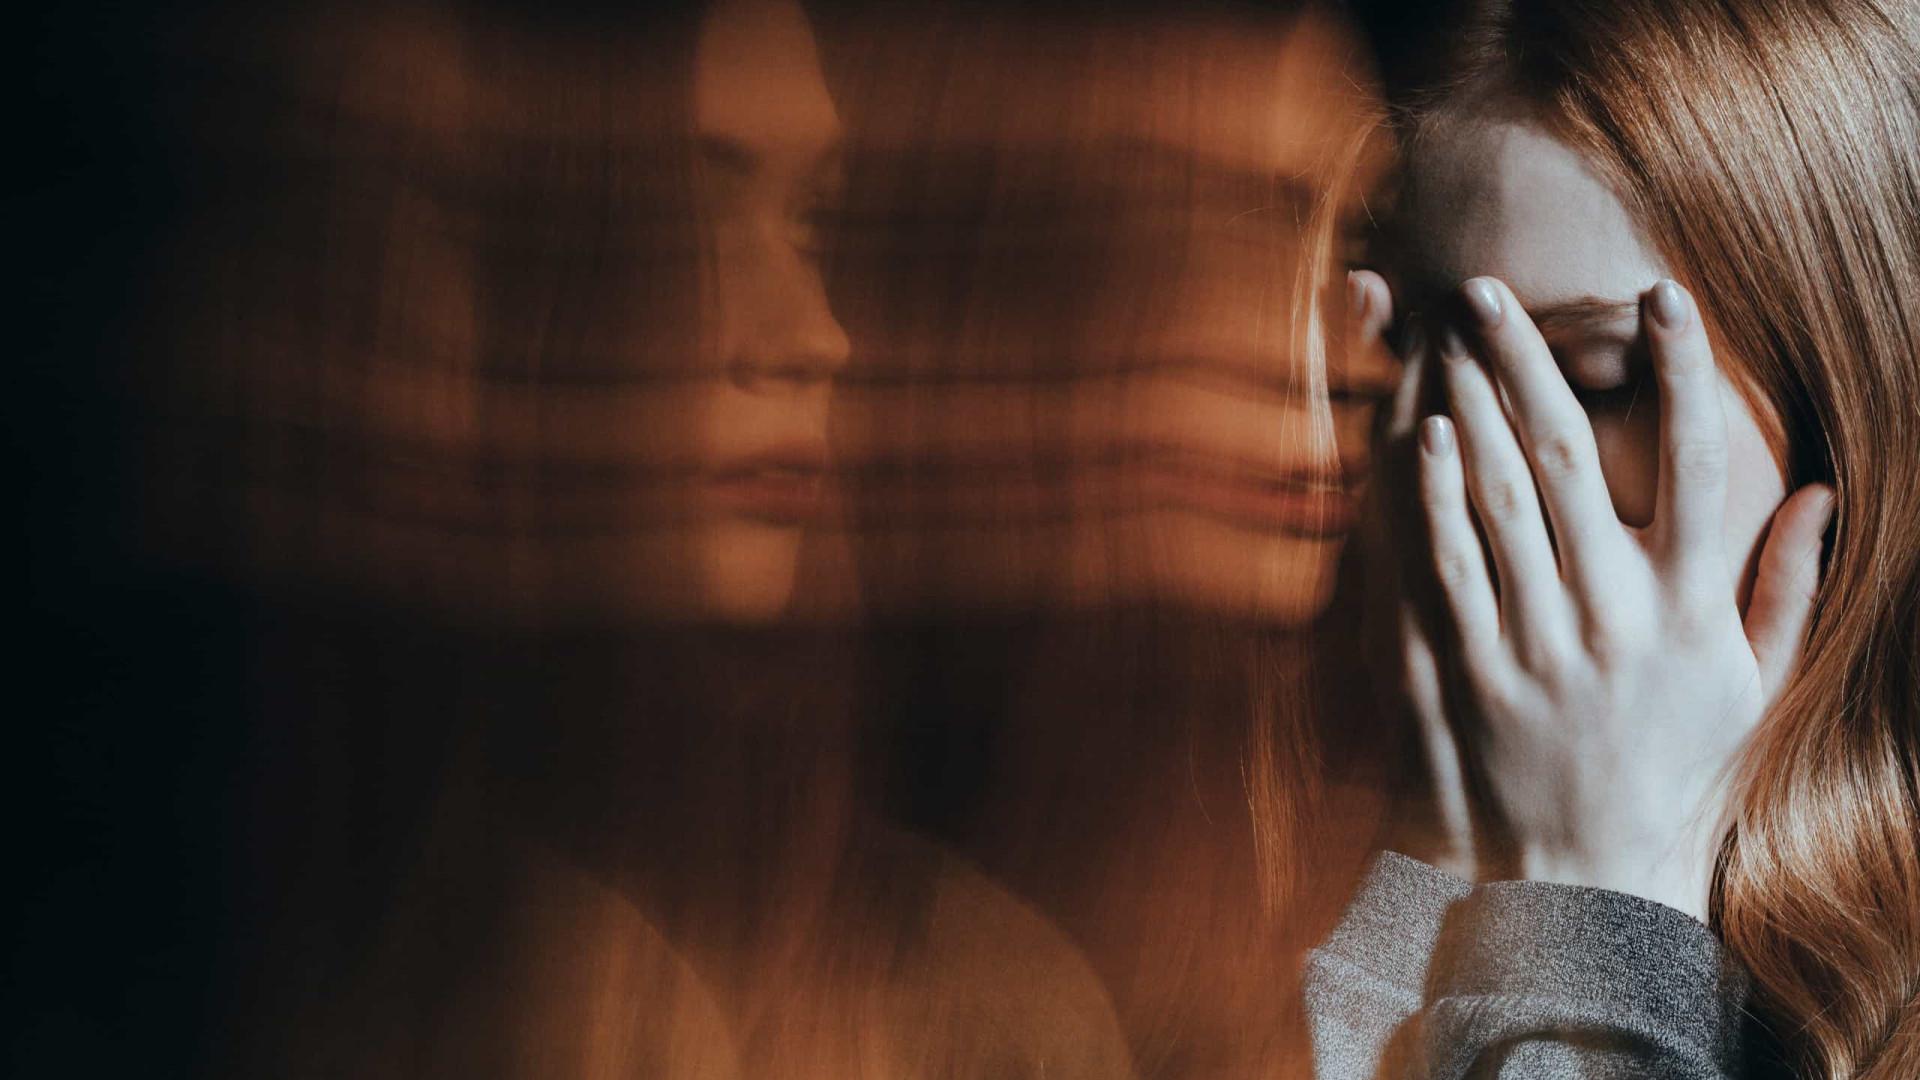 Pandemia causa mais prejuízo à saúde mental de mulheres do que homens